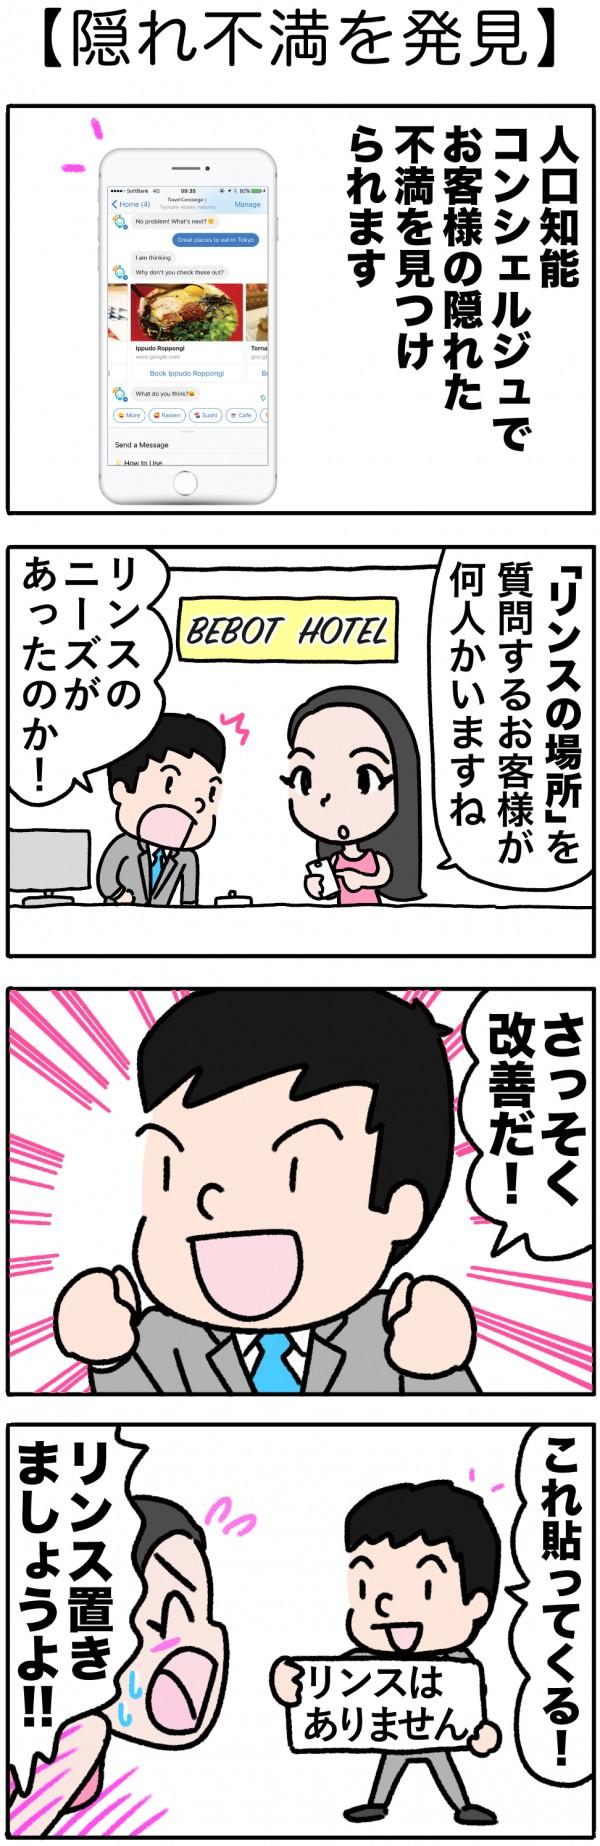 (スクショ修正版)漫画3